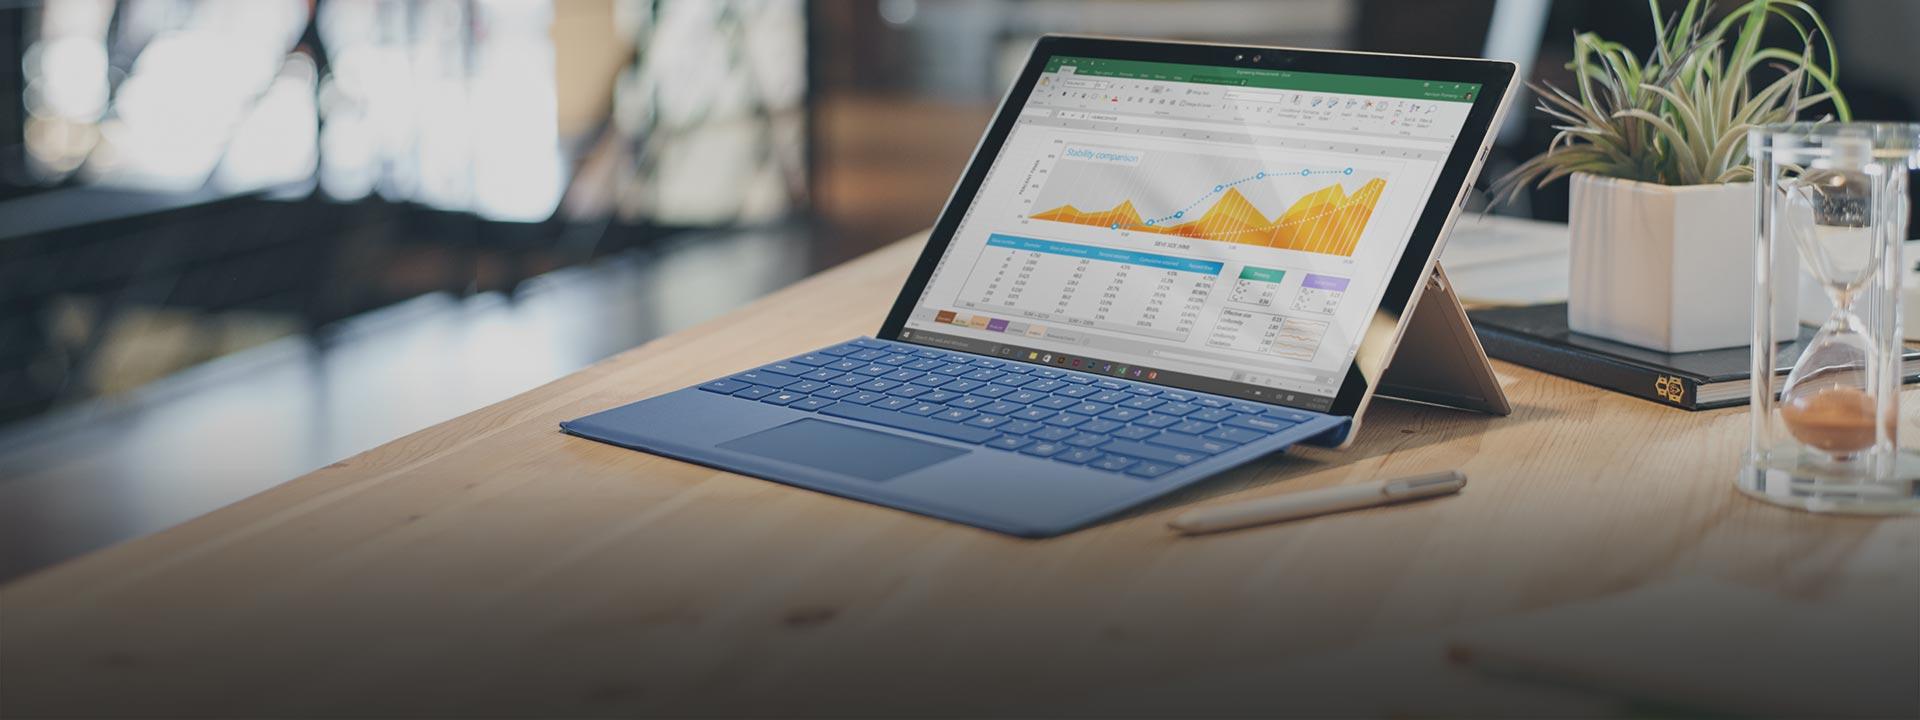 เรียนรู้เพิ่มเติมเกี่ยวกับ Surface Pro 4